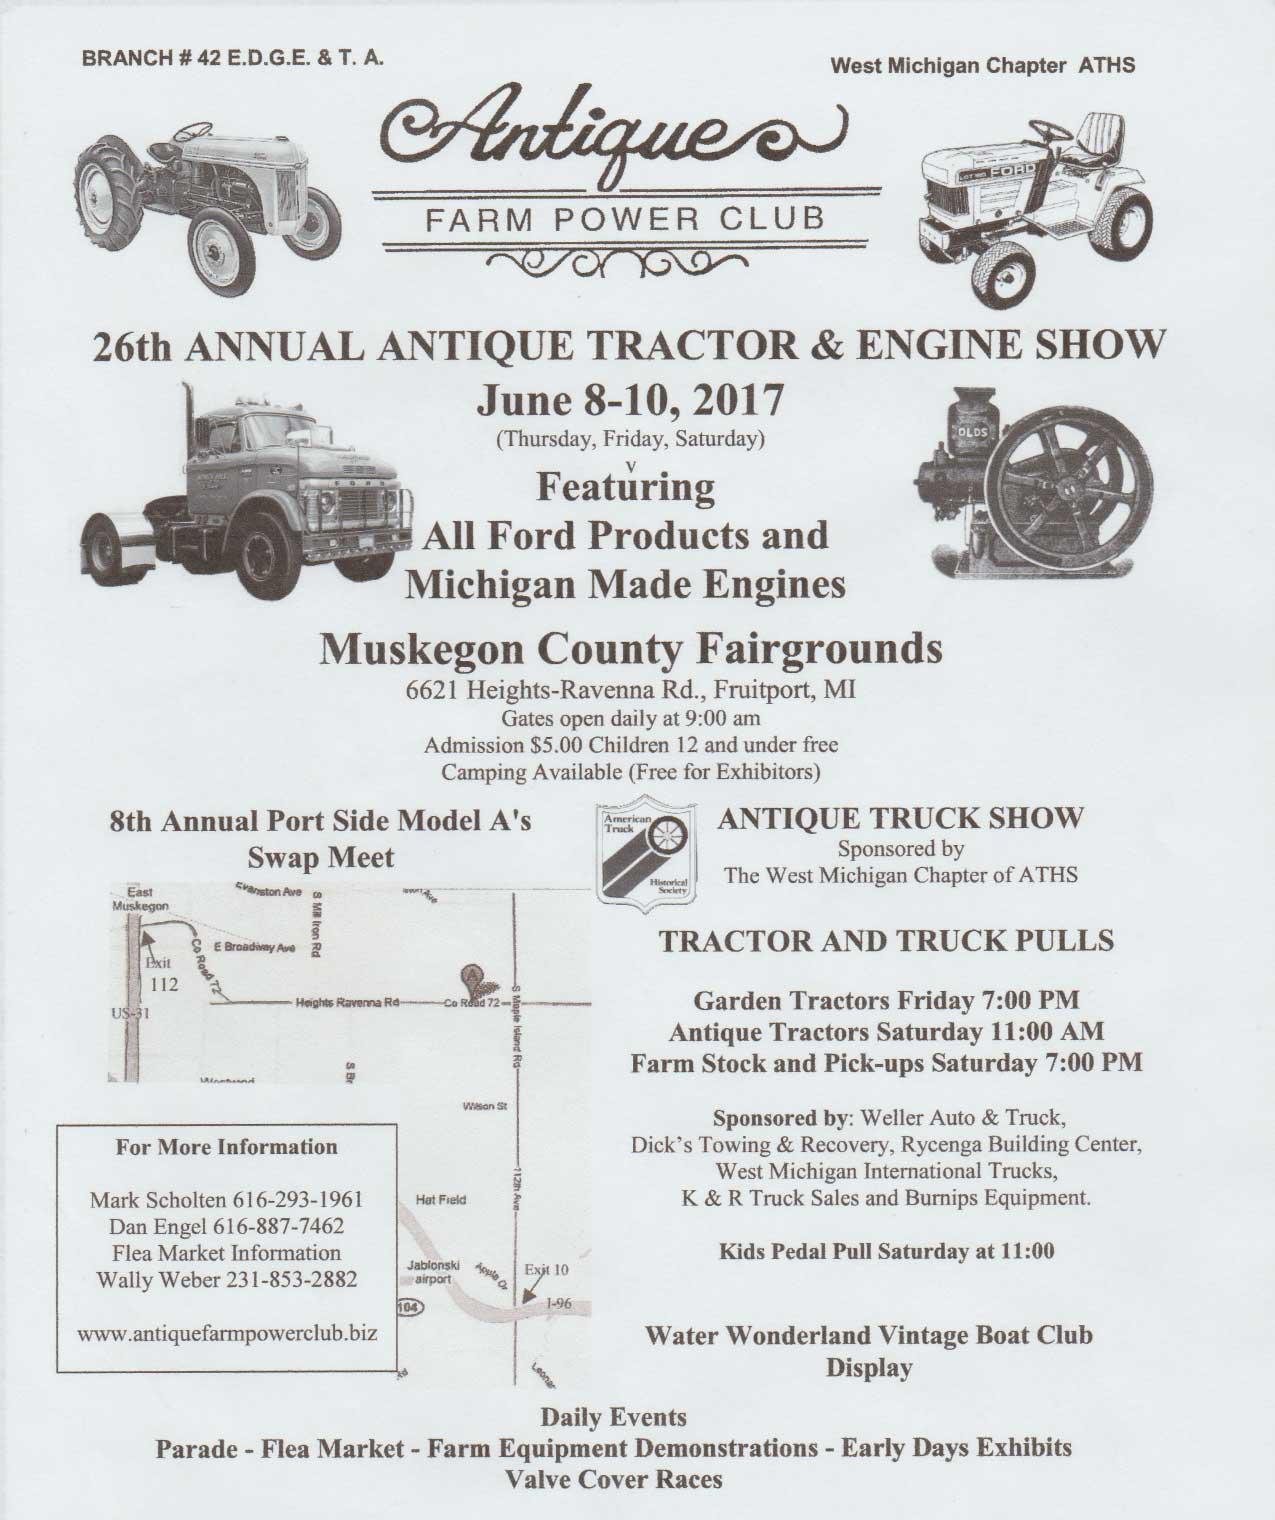 MI - Antique Farm Power Club @ Muskegon County Fairgrounds